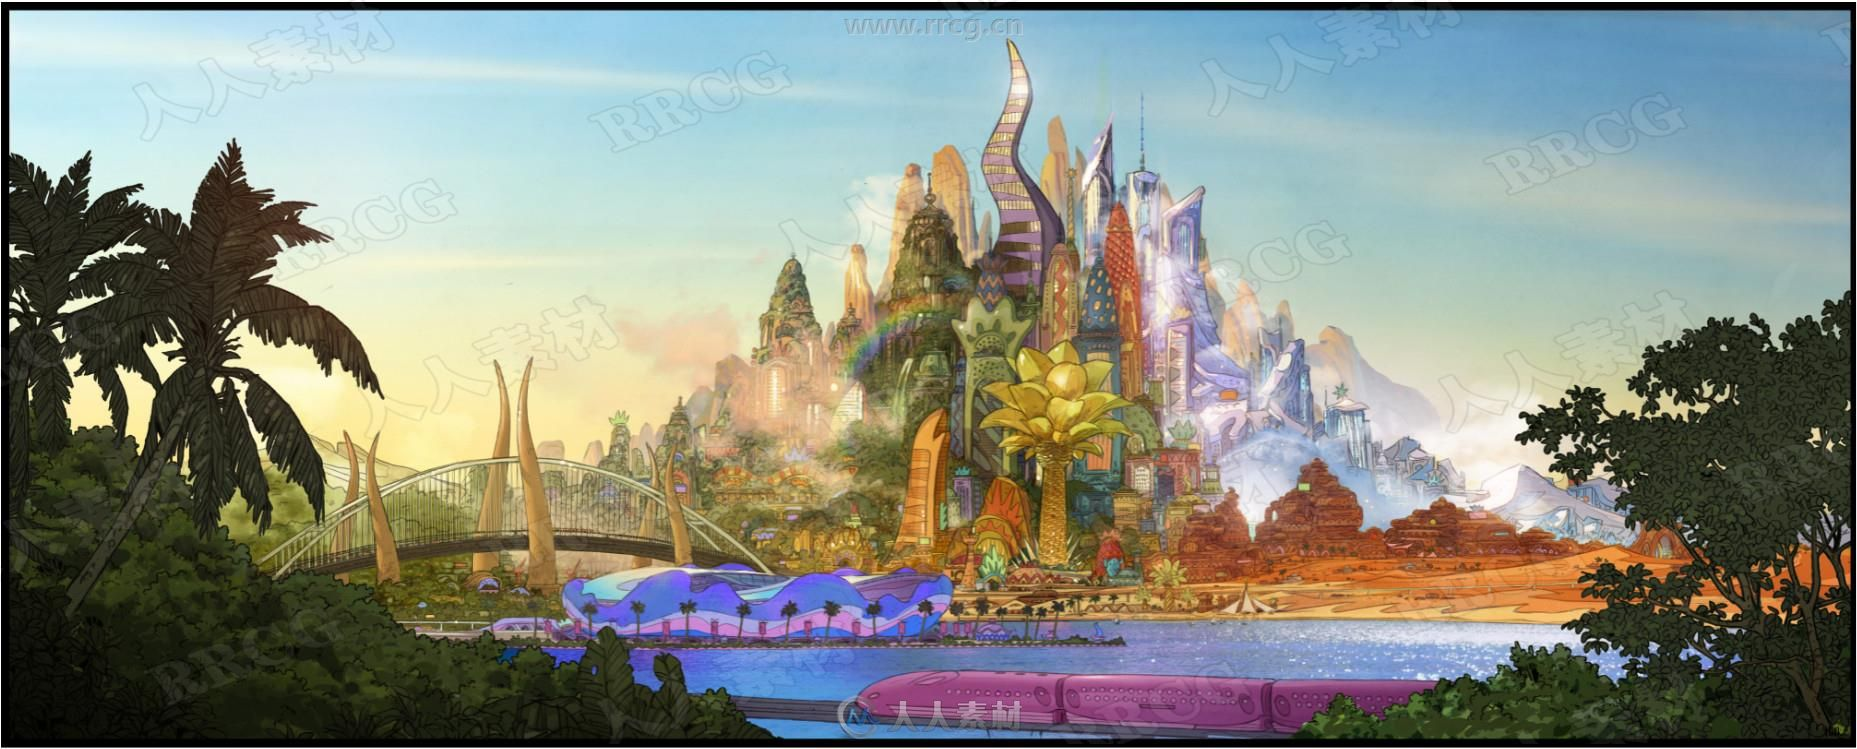 迪士尼动漫电影《疯狂动物城》最全设定原画集